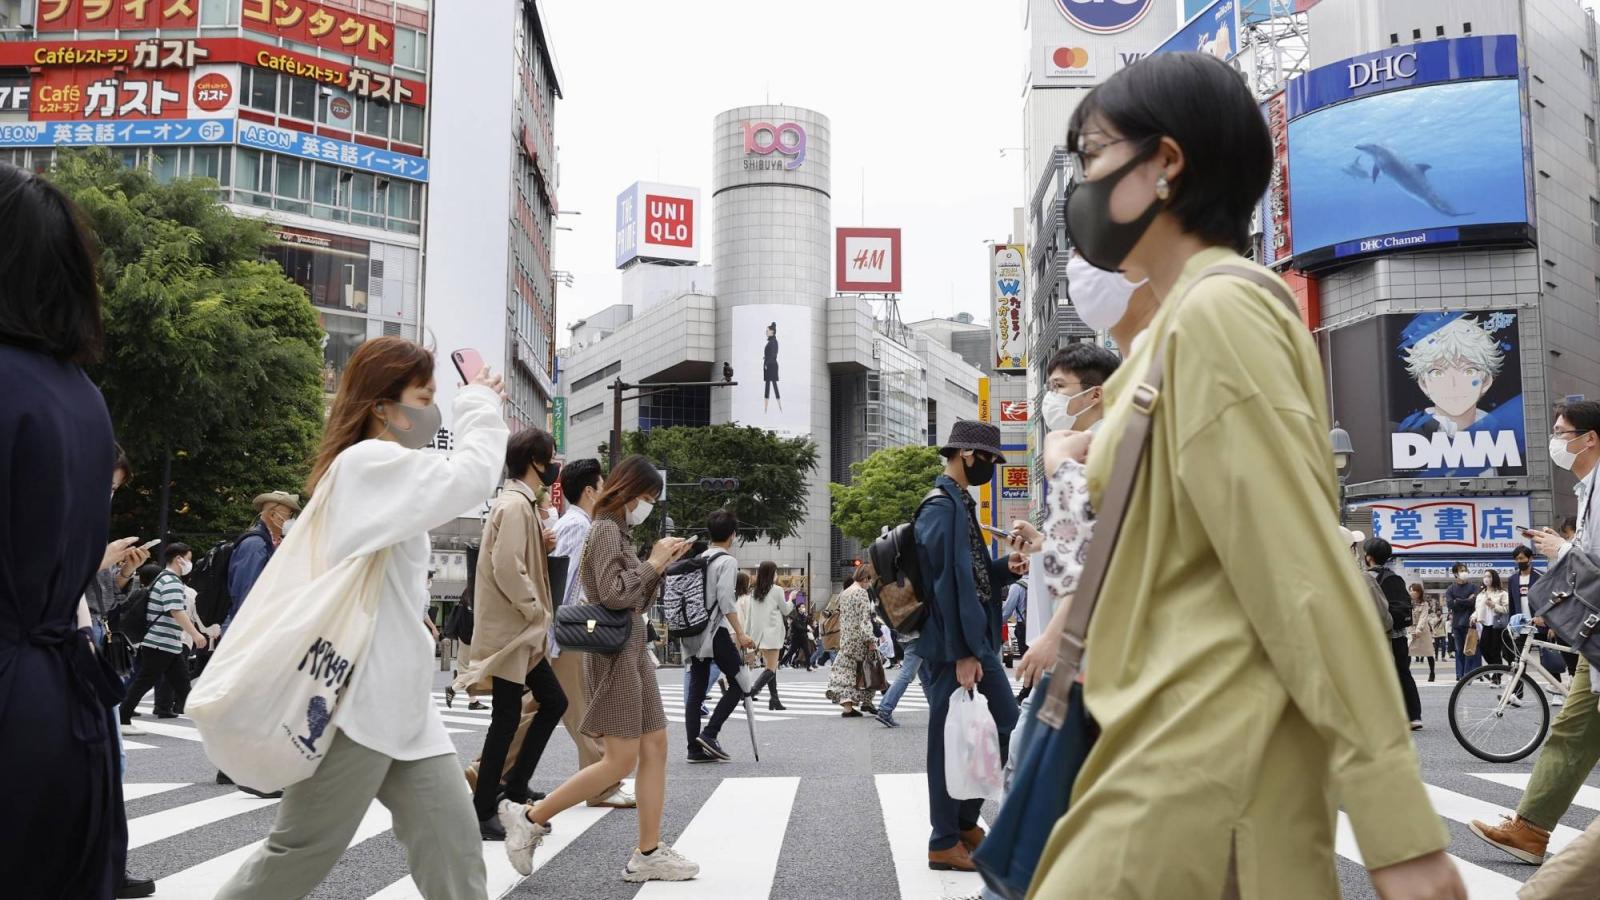 Nhật Bản dự định nới lỏng các hạn chế chống dịch Covid-19 vào tháng 11